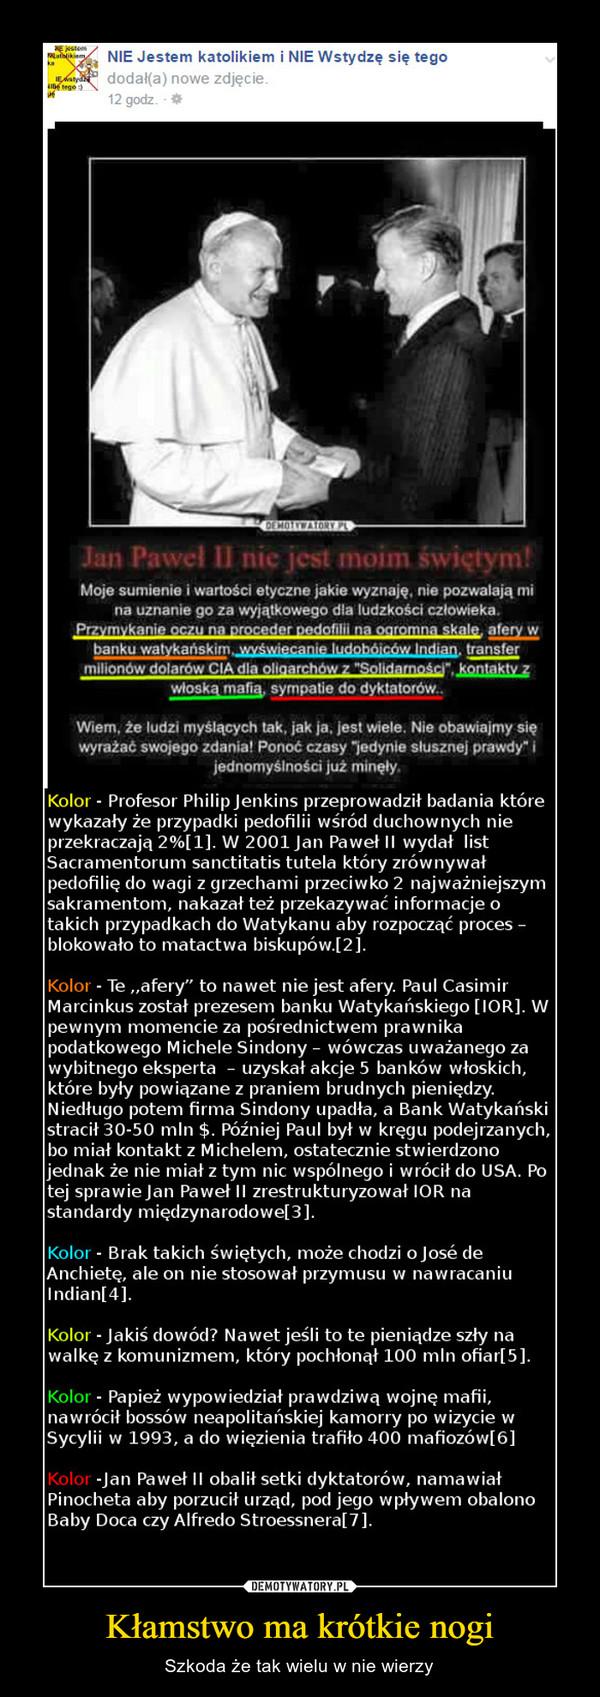 """Kłamstwo ma krótkie nogi – Szkoda że tak wielu w nie wierzy Kolor - Profesor Philip Jenkins przeprowadził badania którewykazały że przypadki pedofilii wśród duchownych nieprzekraczają 290[1]. W 2001 Jan Paweł II wydał listSacramentorum sanctitapedofilię do wagi z grzechami przeciwko 2 najważniejszymsakramentom, nakazał też przekazywać informacje otakich przypadkach do Watykanu aby rozpocząć proces -blokowało to matactwa biskupów.[2]tis tutela który zrównywałKolor - Te ,,afery"""" to nawet nie jest afery. Paul CasimirMarcinkus został prezesem banku Watykańskiego [IOR]. Wwnym momencie za pośrednictwem prawnikapodatkowego Michele Sindony - wówczas uważanego zawybitnego eksperta - uzyskał akcje 5 banków włoskichktóre były powiązane z praniem brudnych pieniędzyNiedługo potem firma Sindony upadła, a Bank Watykańskistracił 30-50 mln $. Później Paul był w kręgu podejrzanych,miał kontakt z Michelem, ostatecznie stwierdzononak że nie miał z tym nic wspólnego i wrócit do USA. Potej sprawie Jan Pawet l zrestrukturyzowat IOR nastandardy międzynarodowel3]lor - Brak takich świętych, może chodzi o José deAnchiete, ale on nie stosował przymusu w nawracaniuIndian[4]KolorKolor Jakiś dowód? Nawet jeśli to te pieniądze szły nawalkę z komunizmem, który pochłonat 100 mln ofiarl5]Kolor Papież wypowiedziat prawdziwą wojnę mafii,nawrócit bossów neapolitańskiej kamorry po wizycie wSycylii w 1993, a do więzienia trafiło 400 mafiozów[6]Kolor -Jan Pawet II obalił setki dyktatorów, namawiałPinocheta aby porzucit urząd, pod jego wpływem obalonoBaby Doca czy Alfredo Stroessneral 7]"""